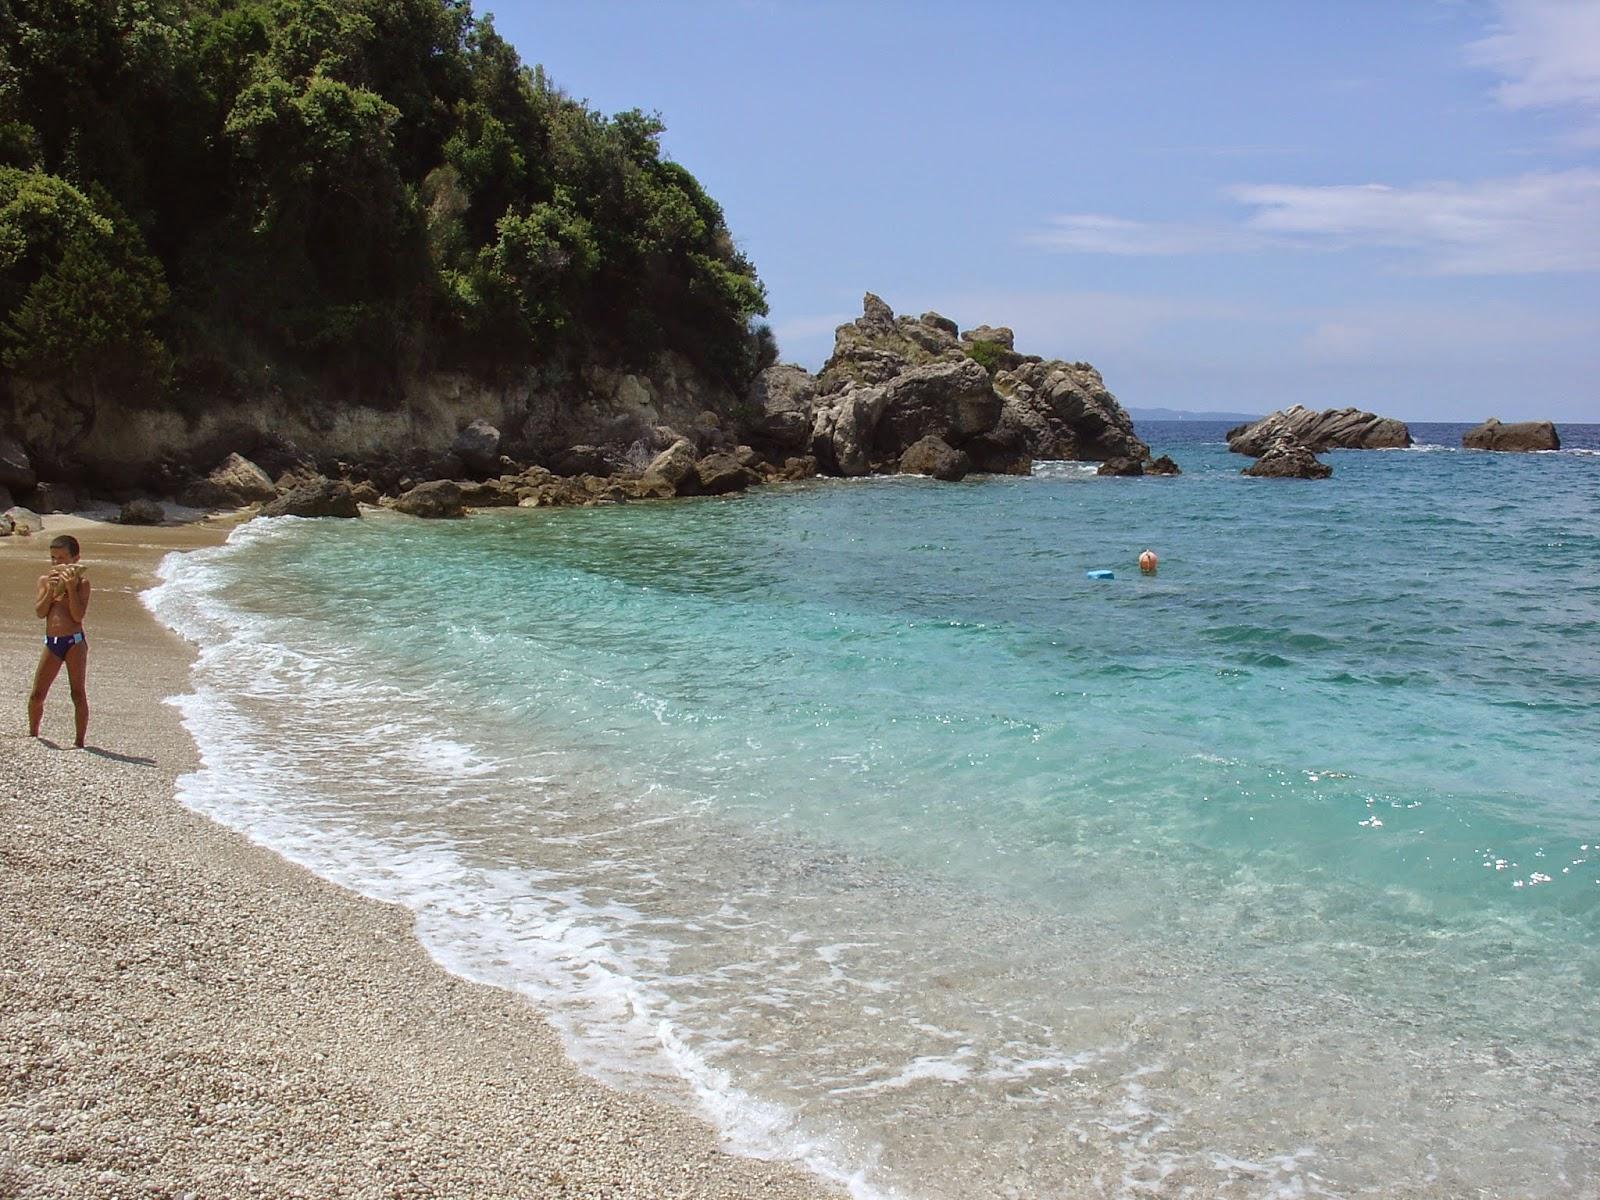 Παραλία Σαρακηνικό - Πάργα